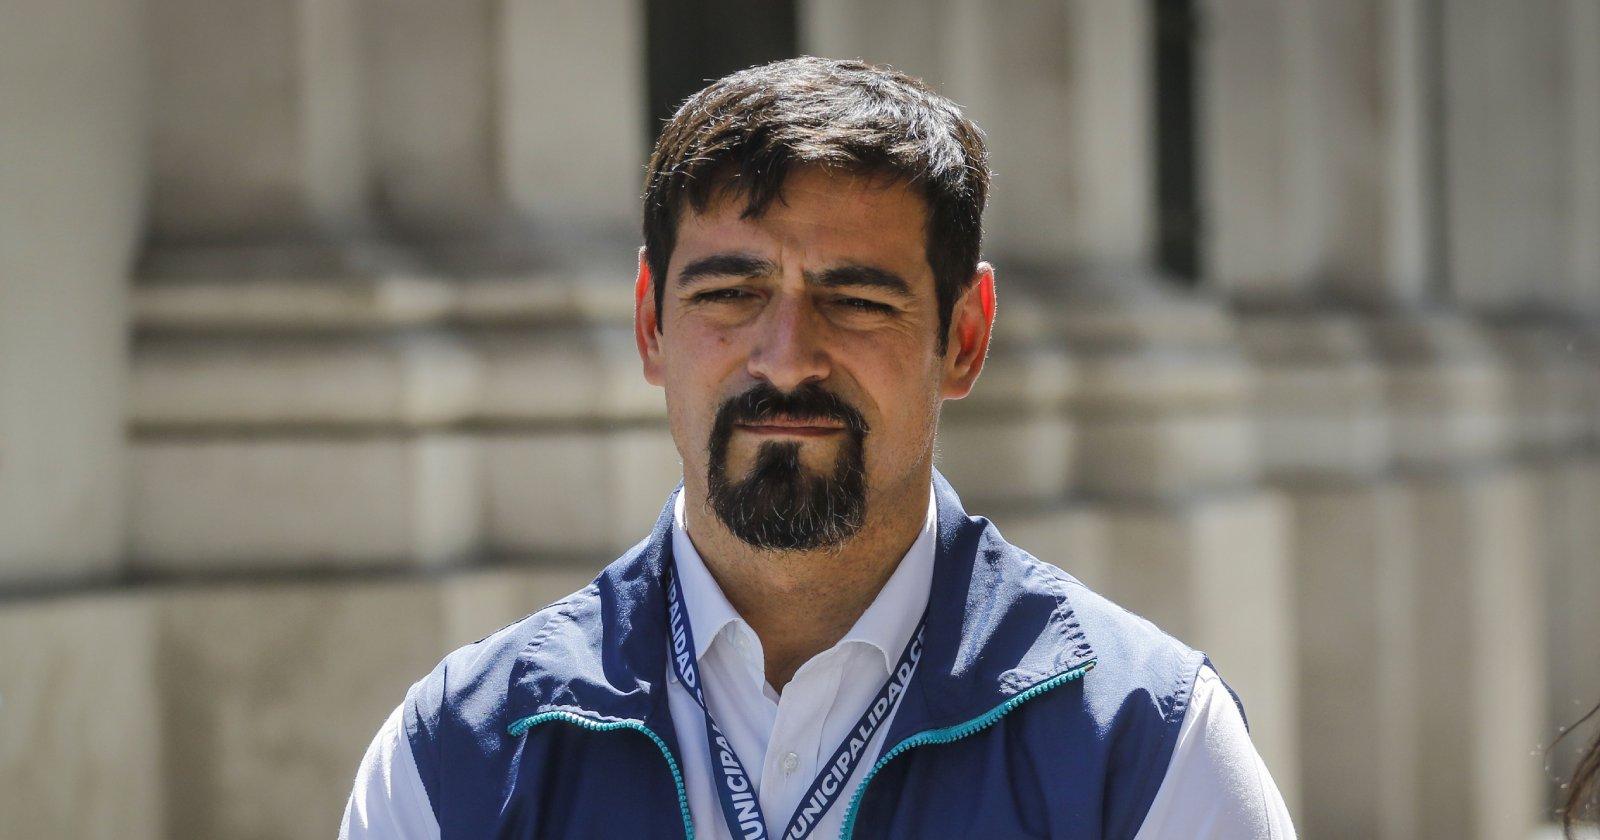 El irónico comentario del alcalde de Cerro Navia por carabineros en monumento a Baquedano